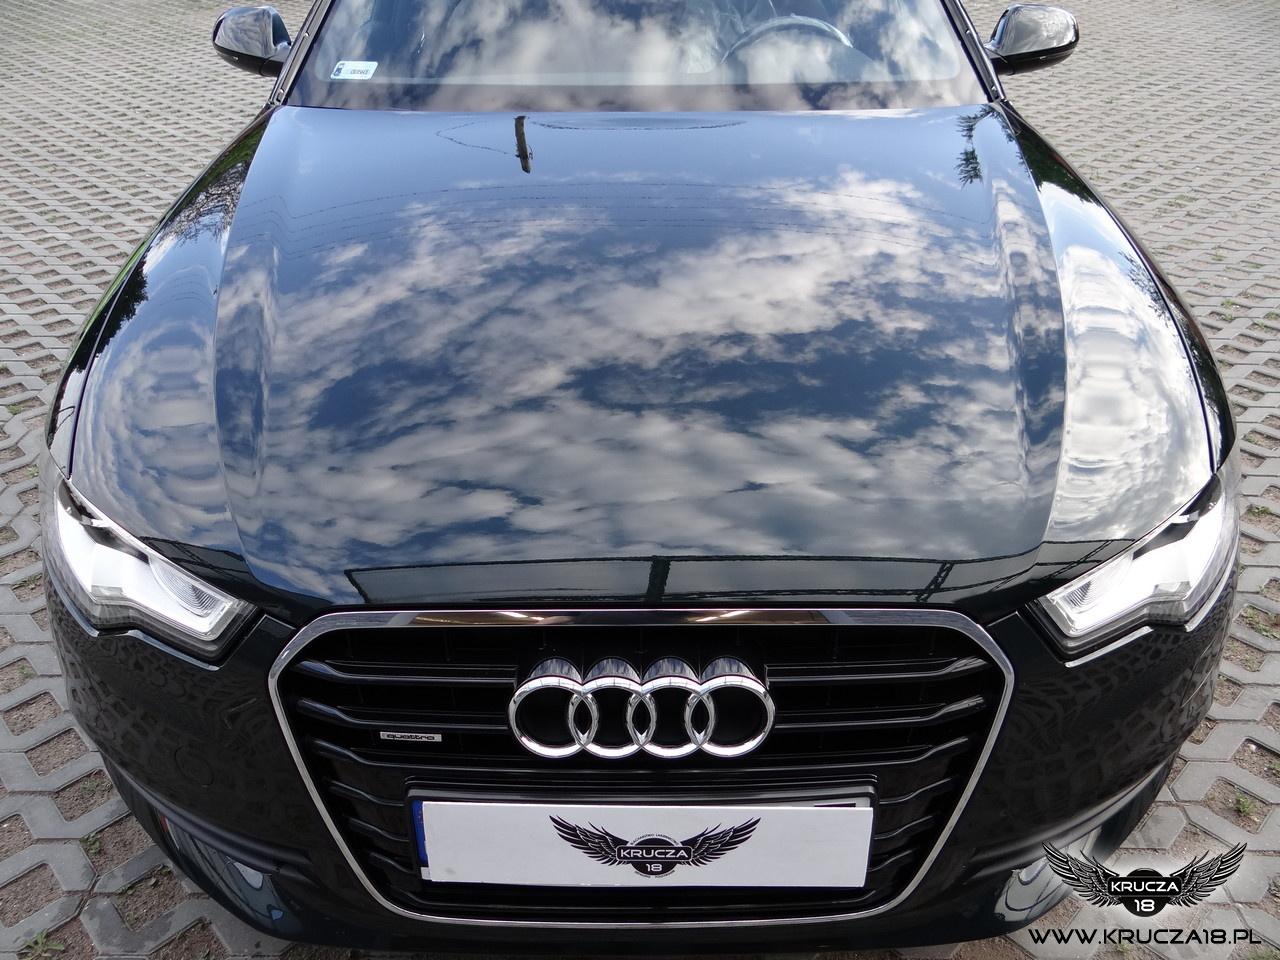 Audi A6 - Ceramic PRO 9H